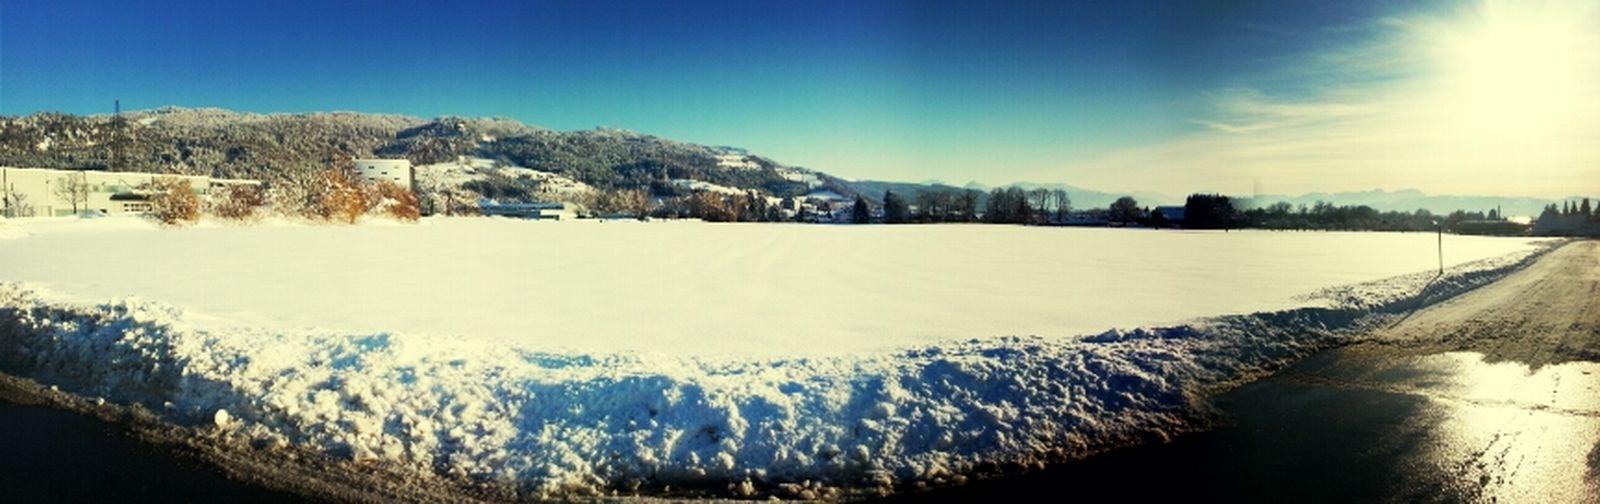 Snow everywhere...:-)